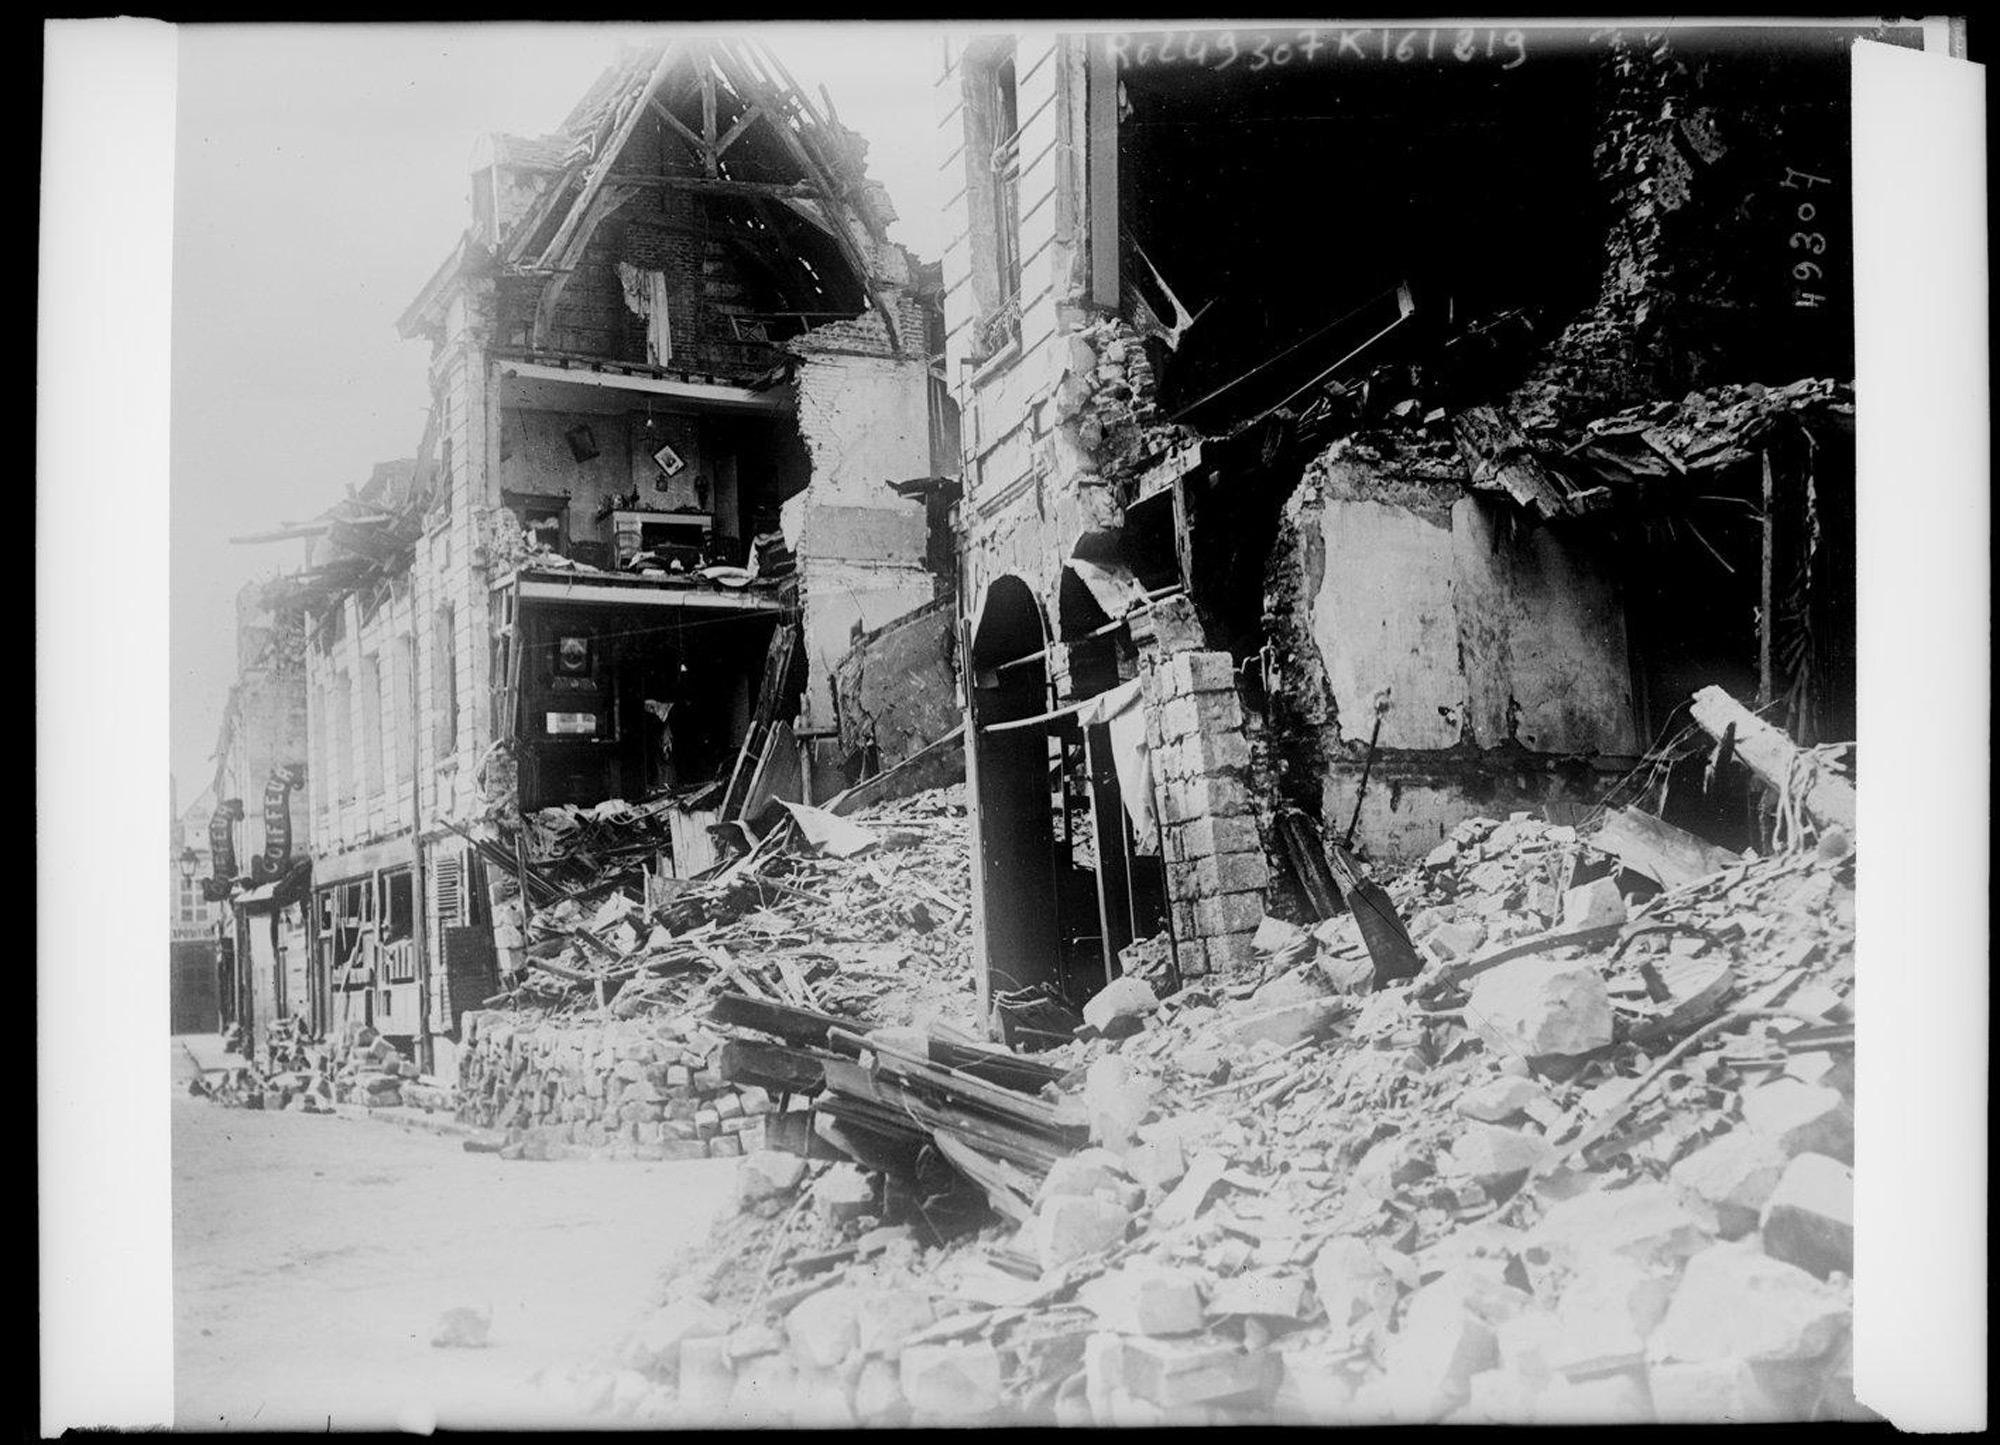 Arras in ruins